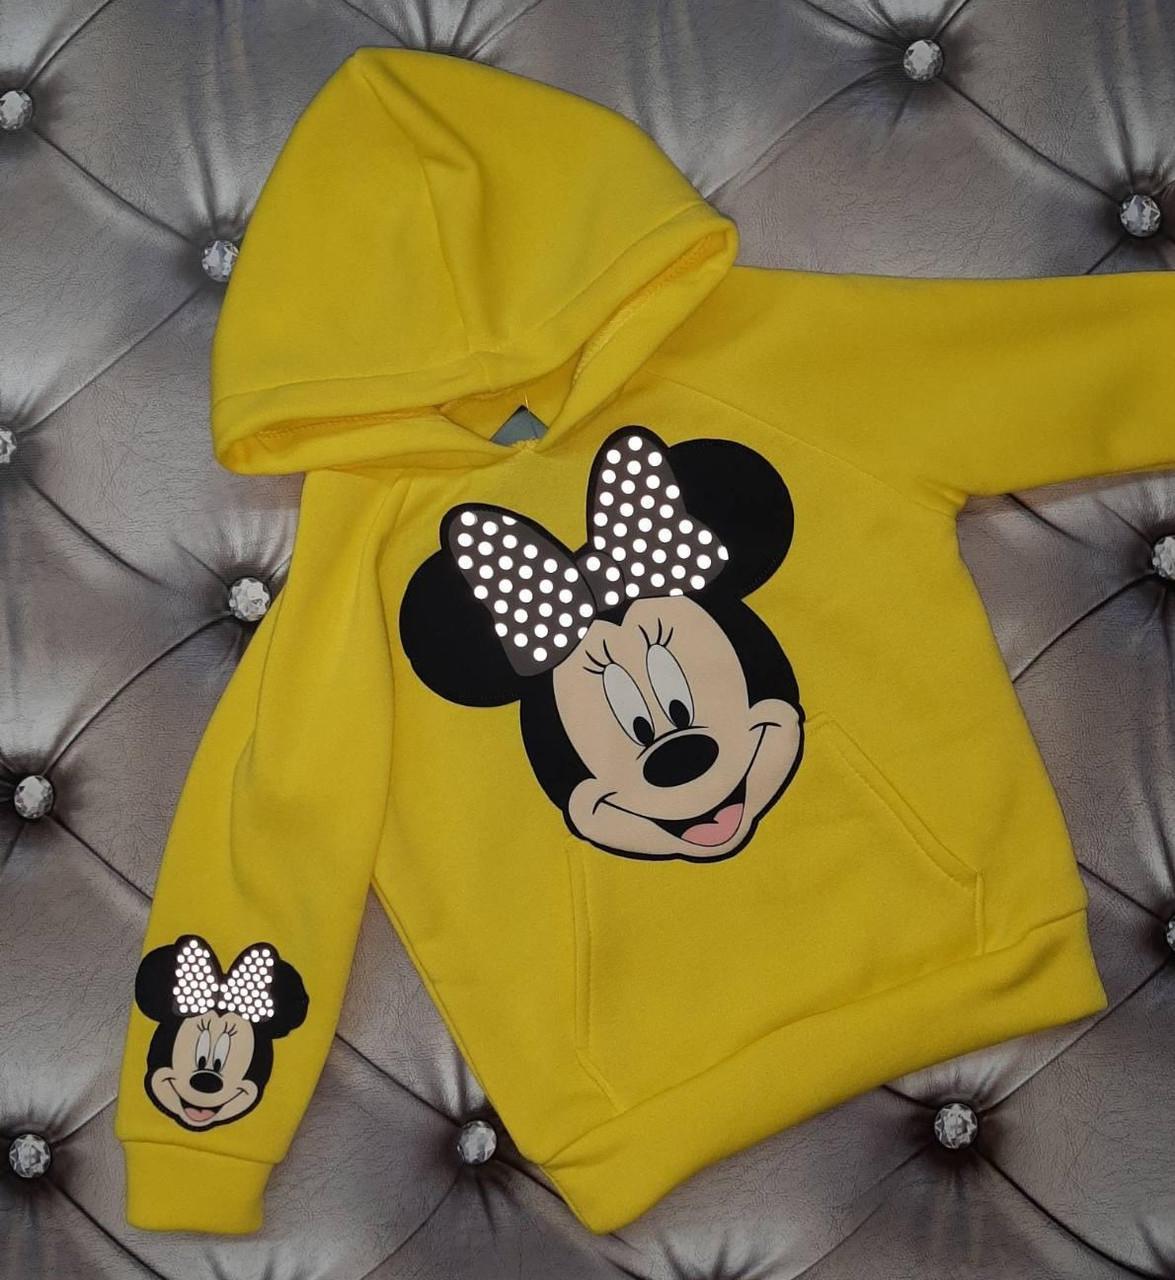 {есть:98,110} Худи на флисе Minnie Mouse для девочек, Артикул: OMR653-жёлтый  [98]